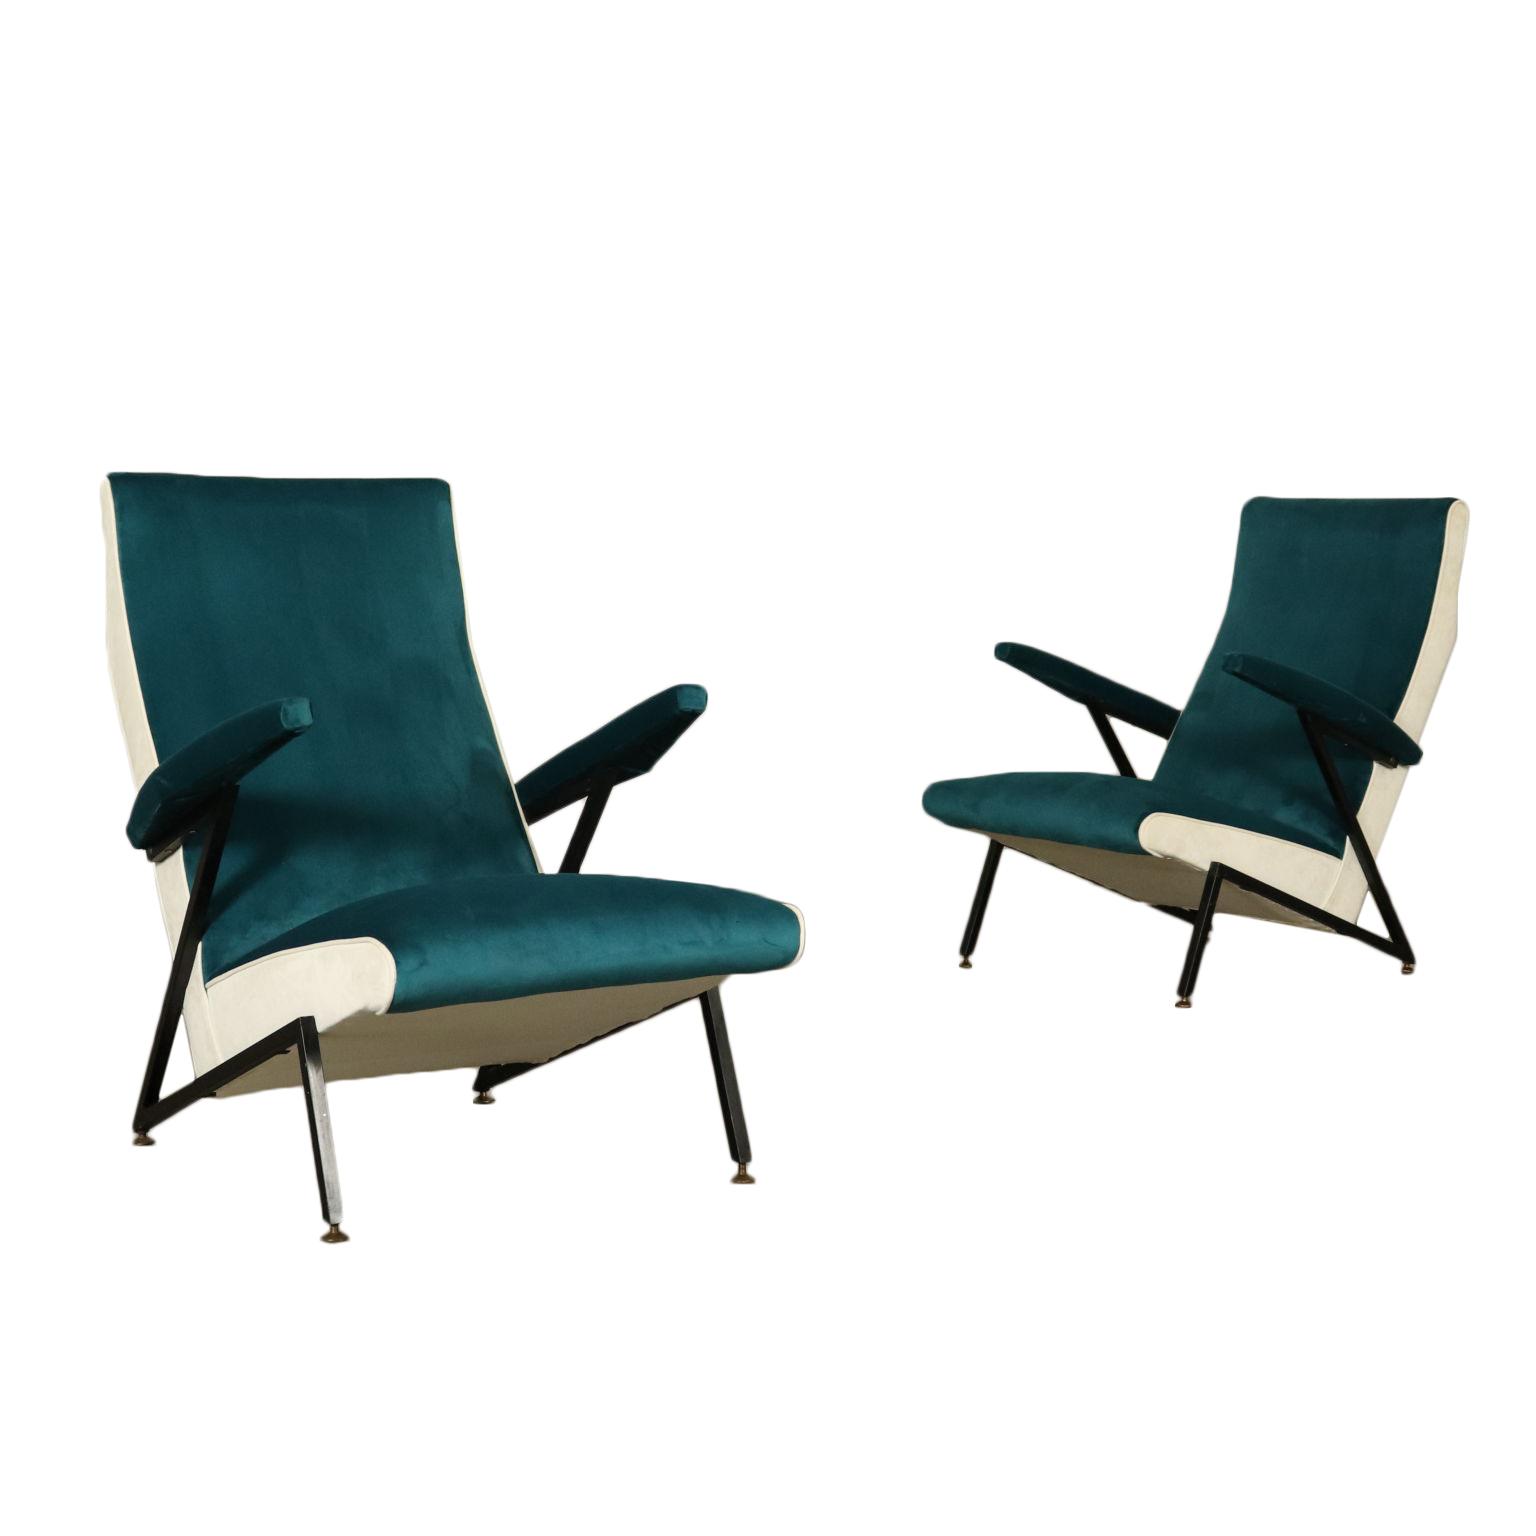 Paar Sessel Samt Schaumpolsterung Vintage Italien 50er Jahre